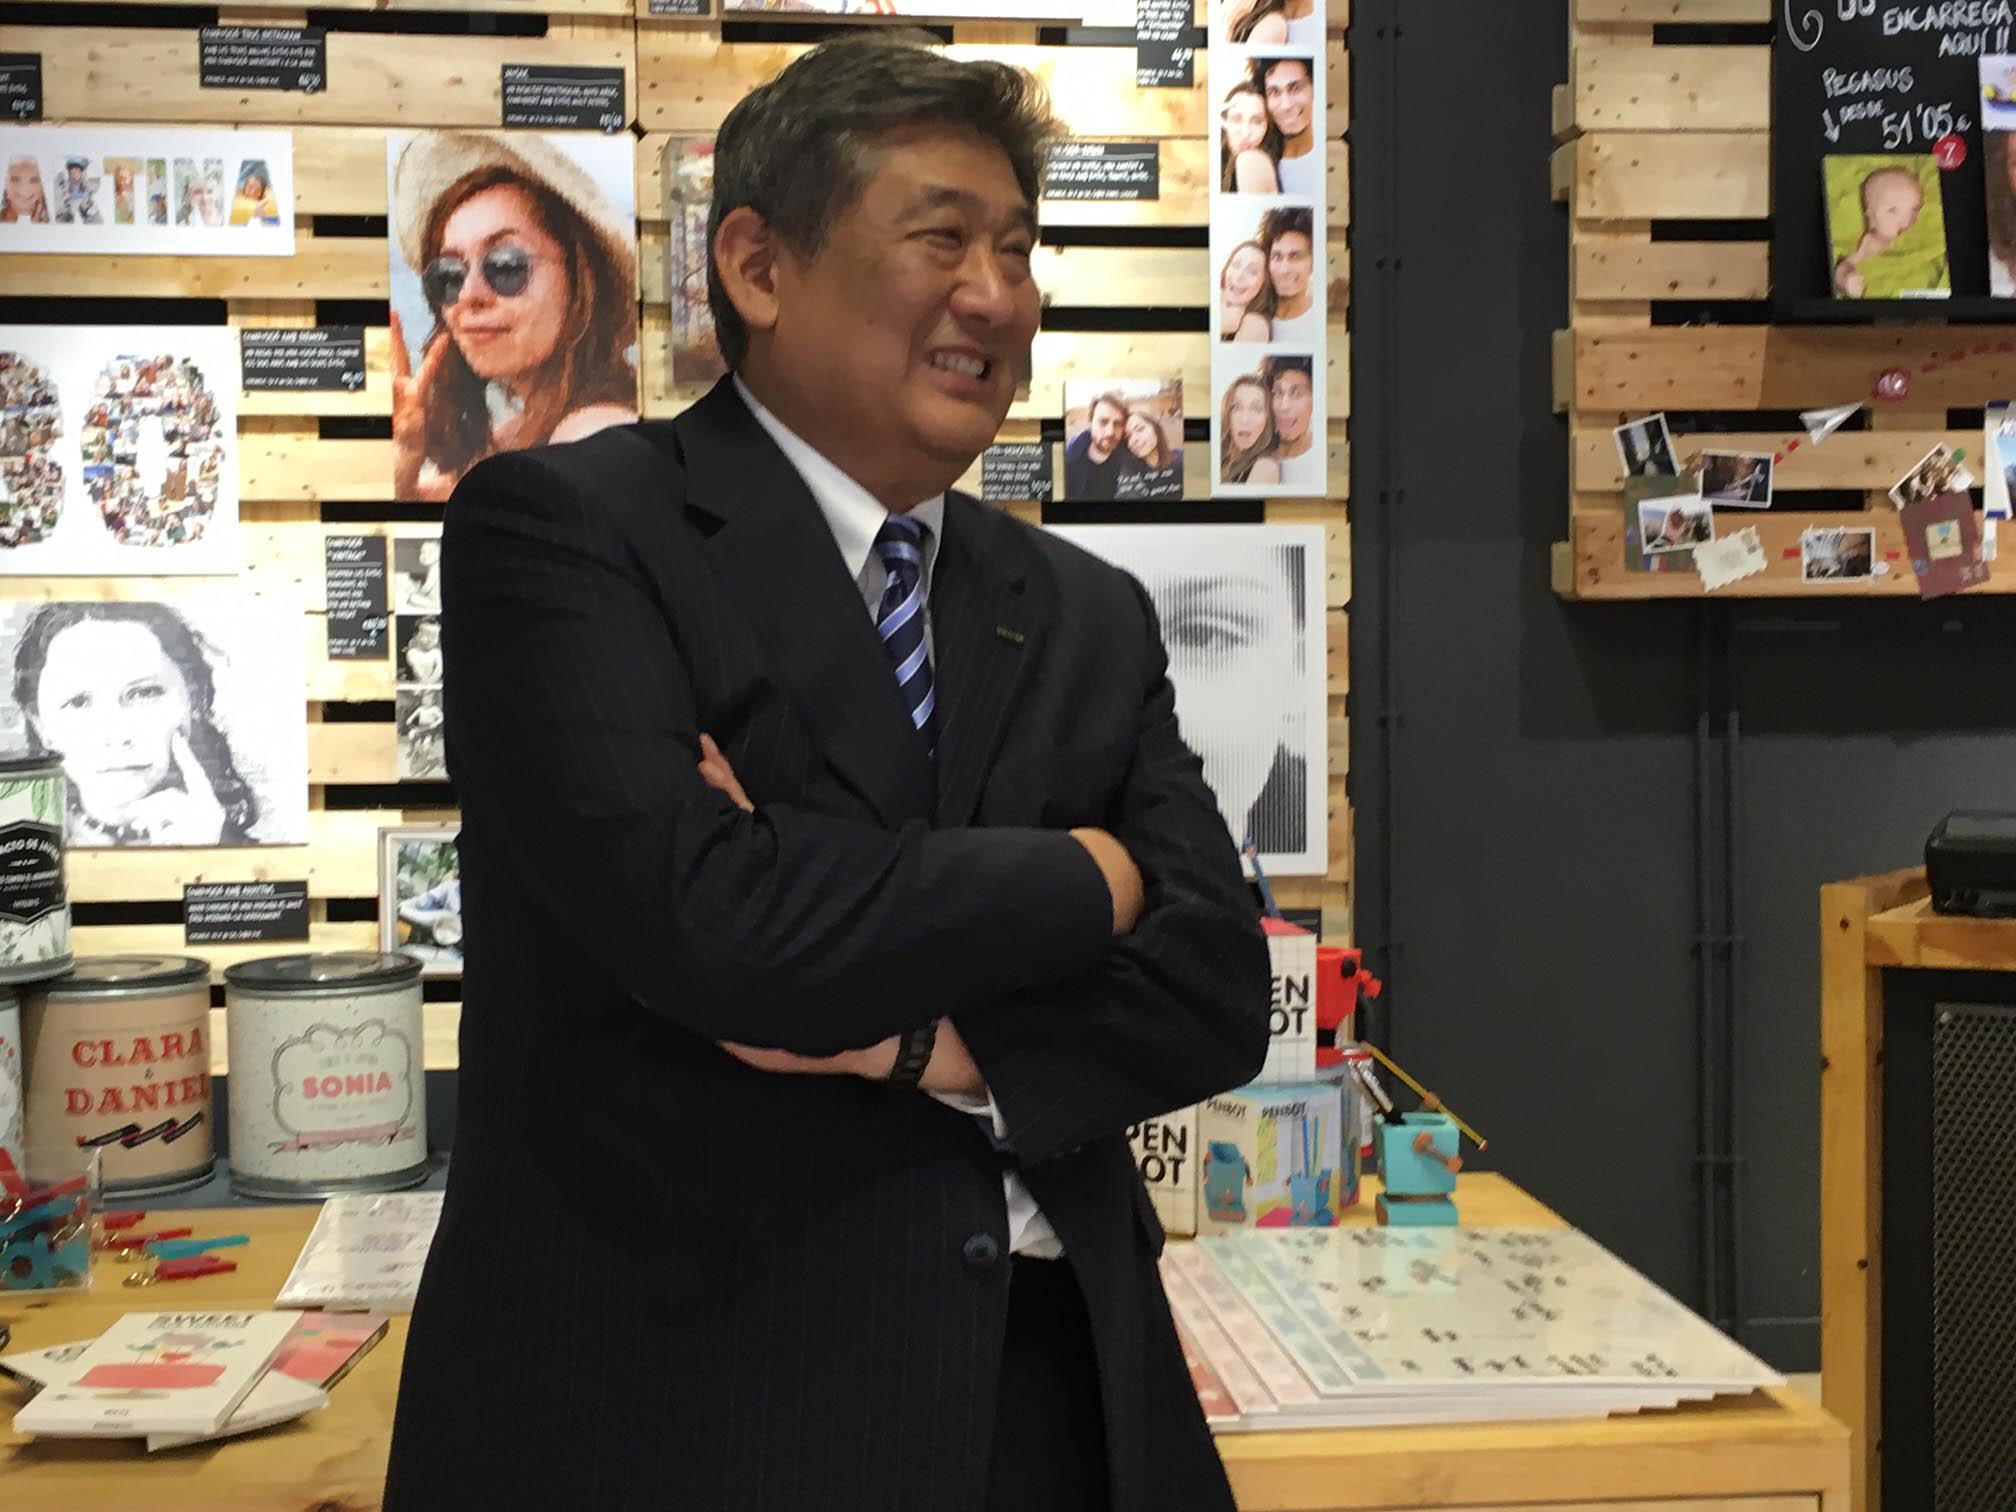 Presidente de FujiFilm Europa desde el pasado mes de junio, la tarea de Go Myiazaki consistirá ahora, principalmente, en hacer frente a los retos que suponen la actual desaceleración de la compañía en el Viejo Continente y el reciente Brexit.